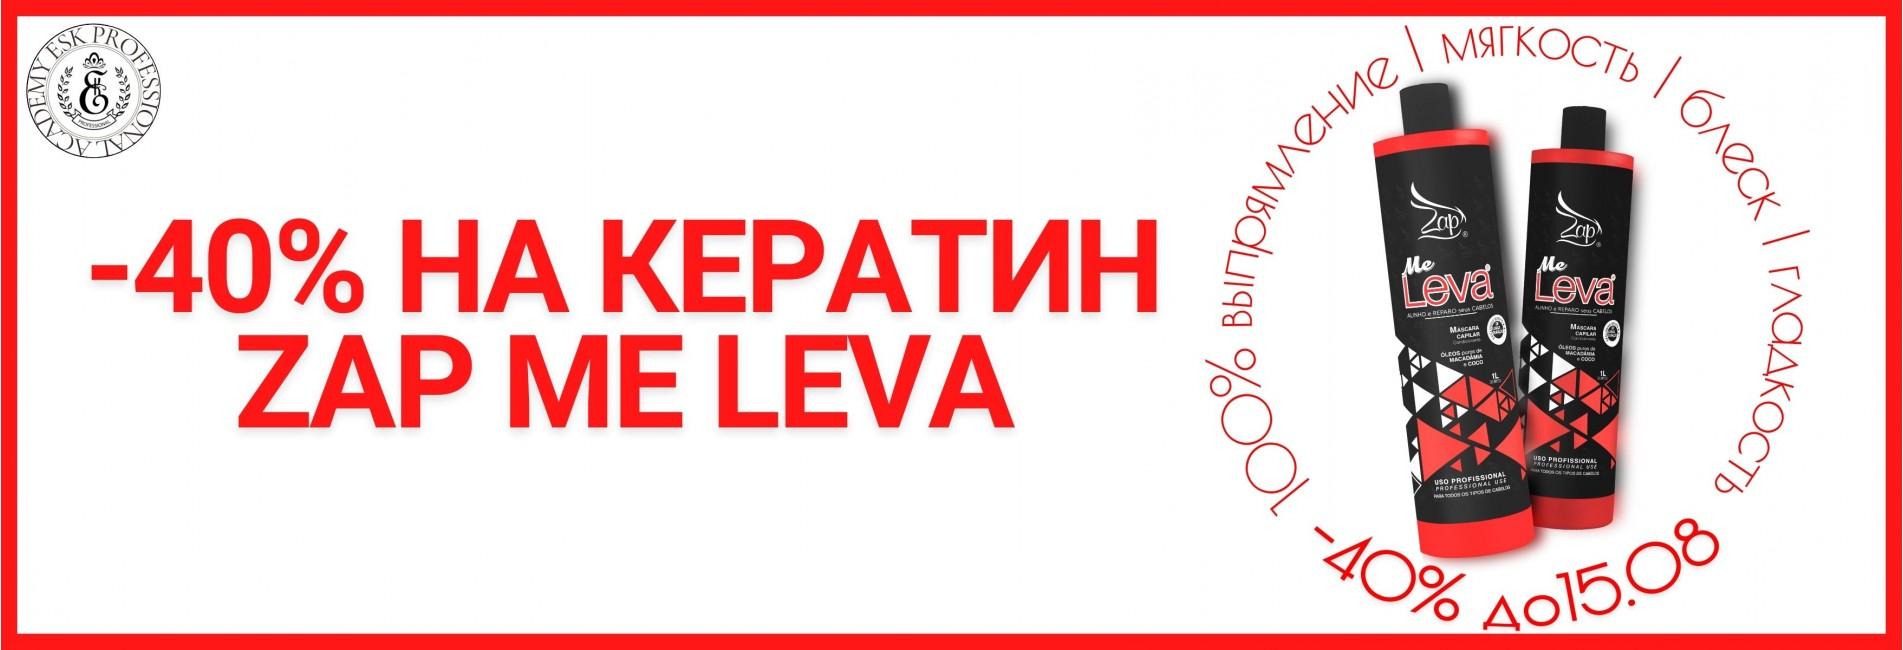 Zap Me Leva